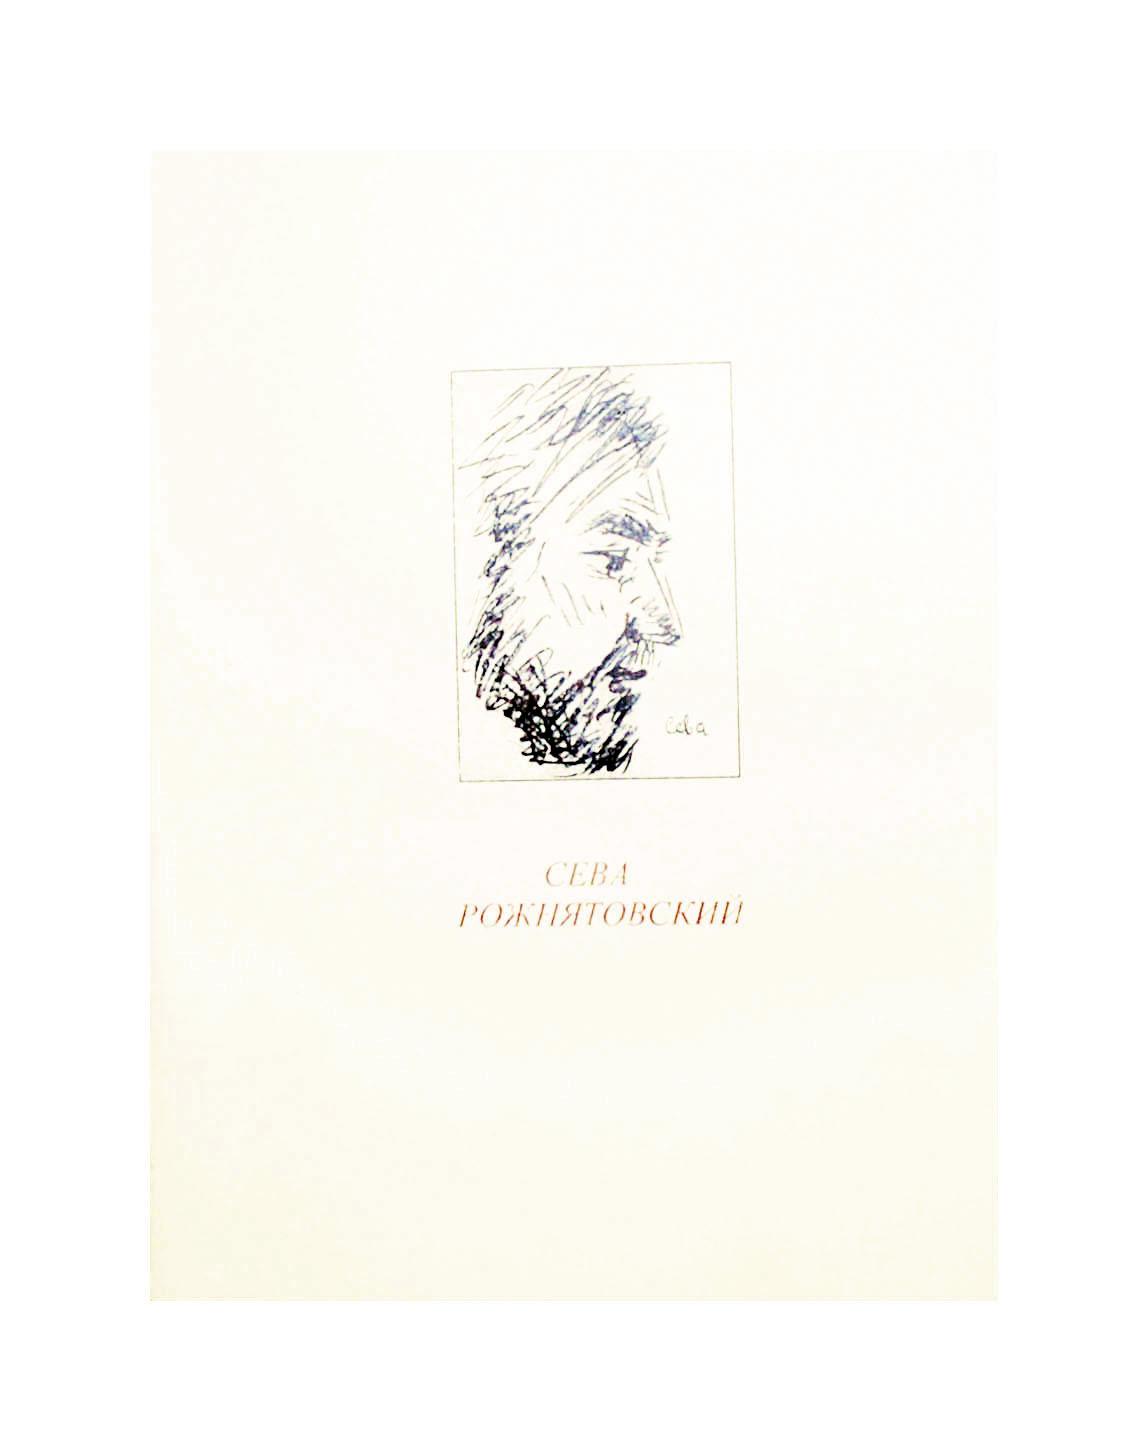 12146.JPG